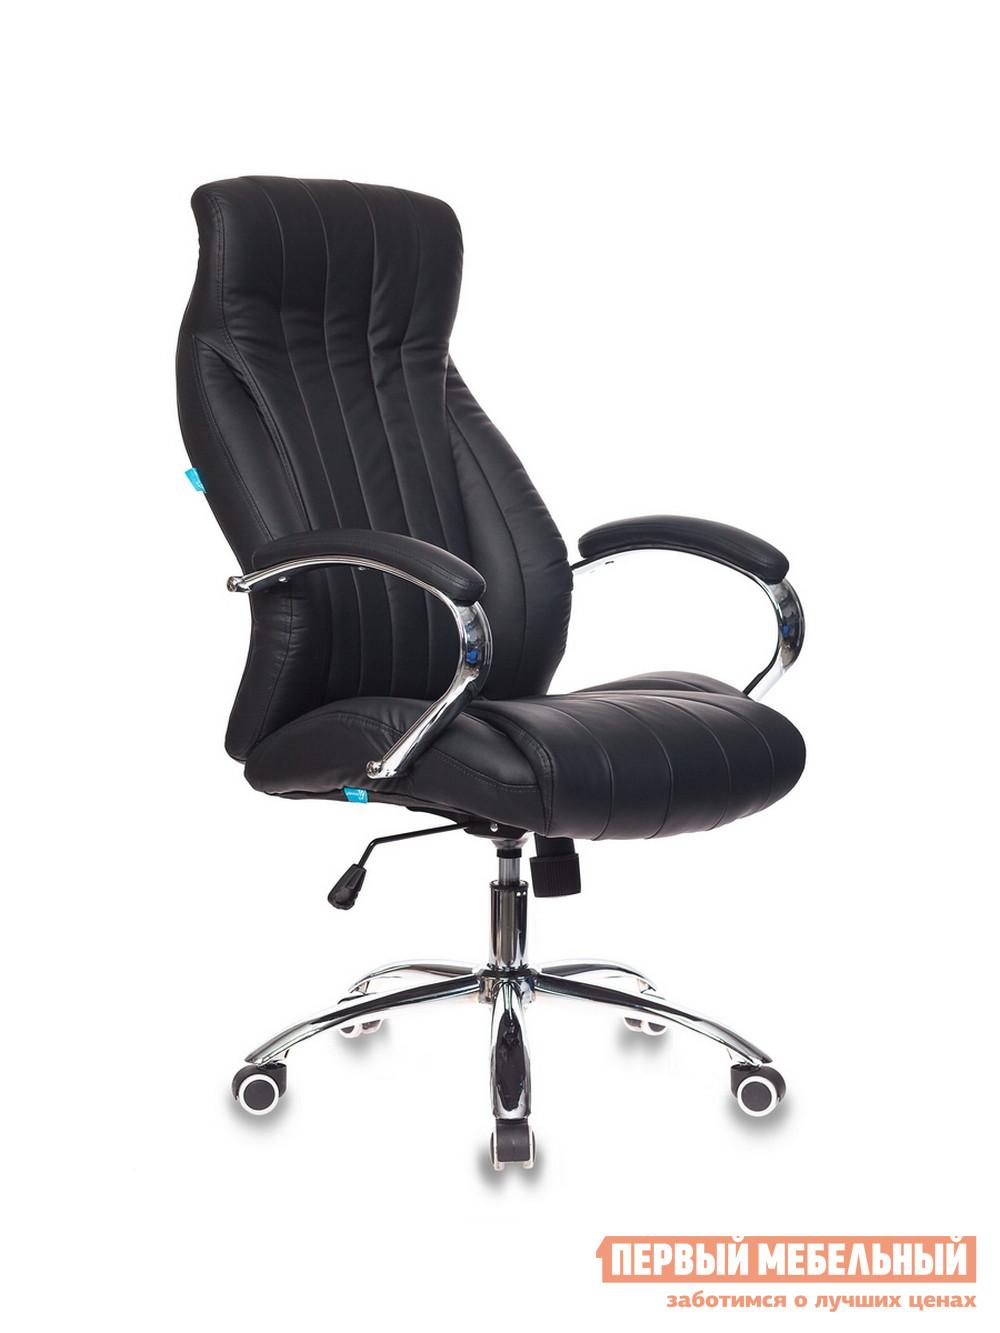 Кресло руководителя Бюрократ CH-S870 кресло руководителя бюрократ ch 868axsn white белый